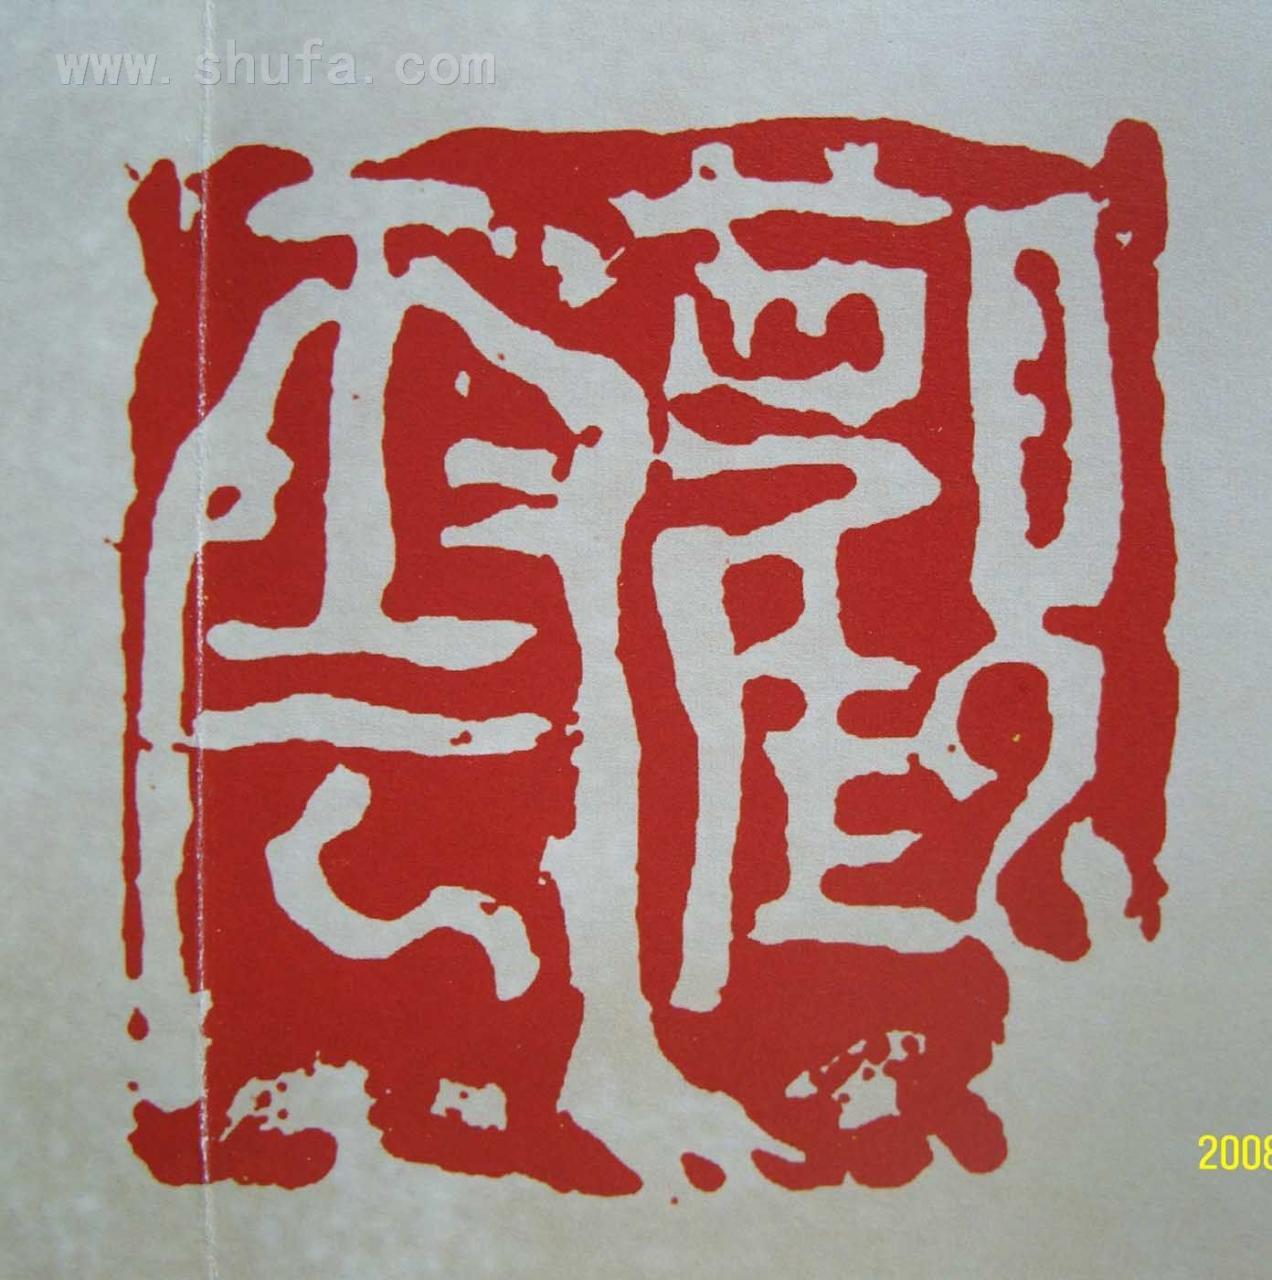 Mit Der Chinesischen Schrift Haben Sich Auch Inhalte Chinesischer Kultur In Ostasien Verbreitet Japanische Schriftsysteme Basieren Auf Der Chinesischen